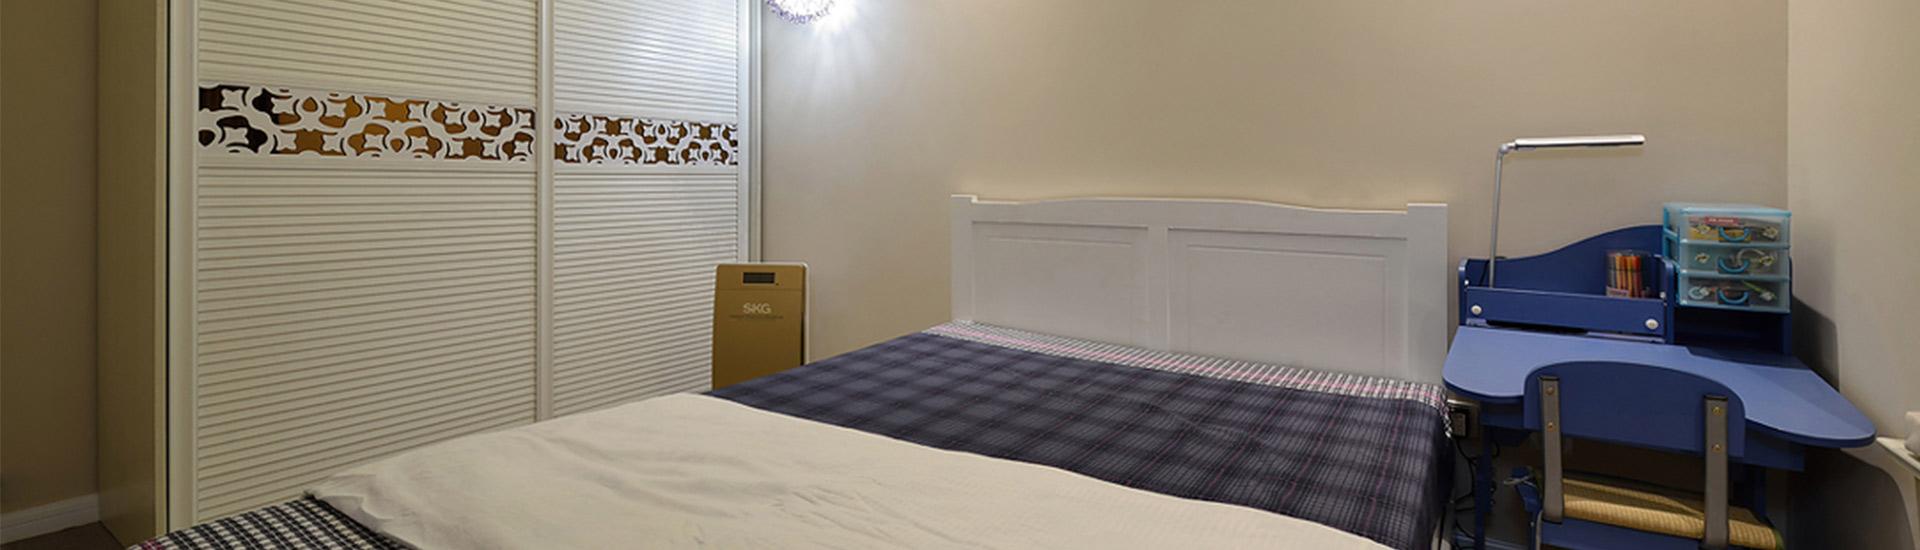 现代简约系列 卧室